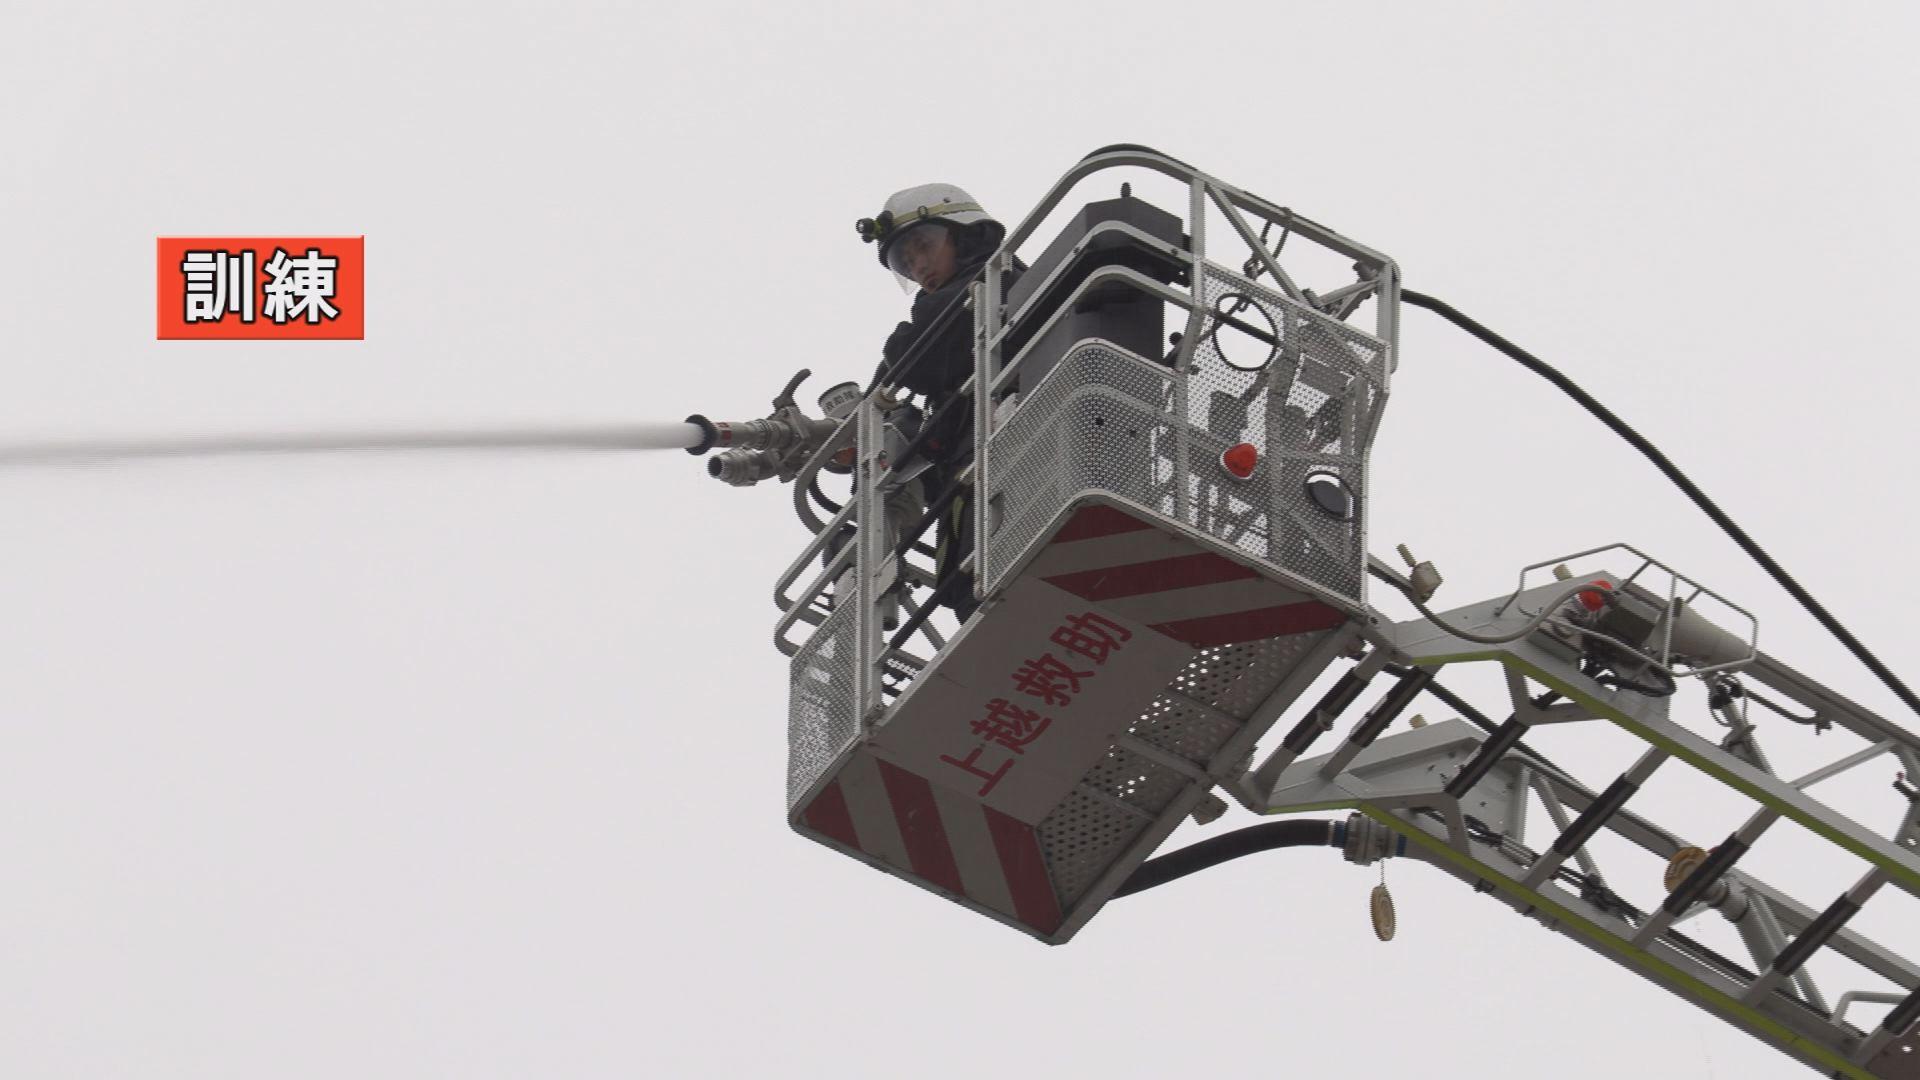 191206_金属スクラップ火災消防訓練1